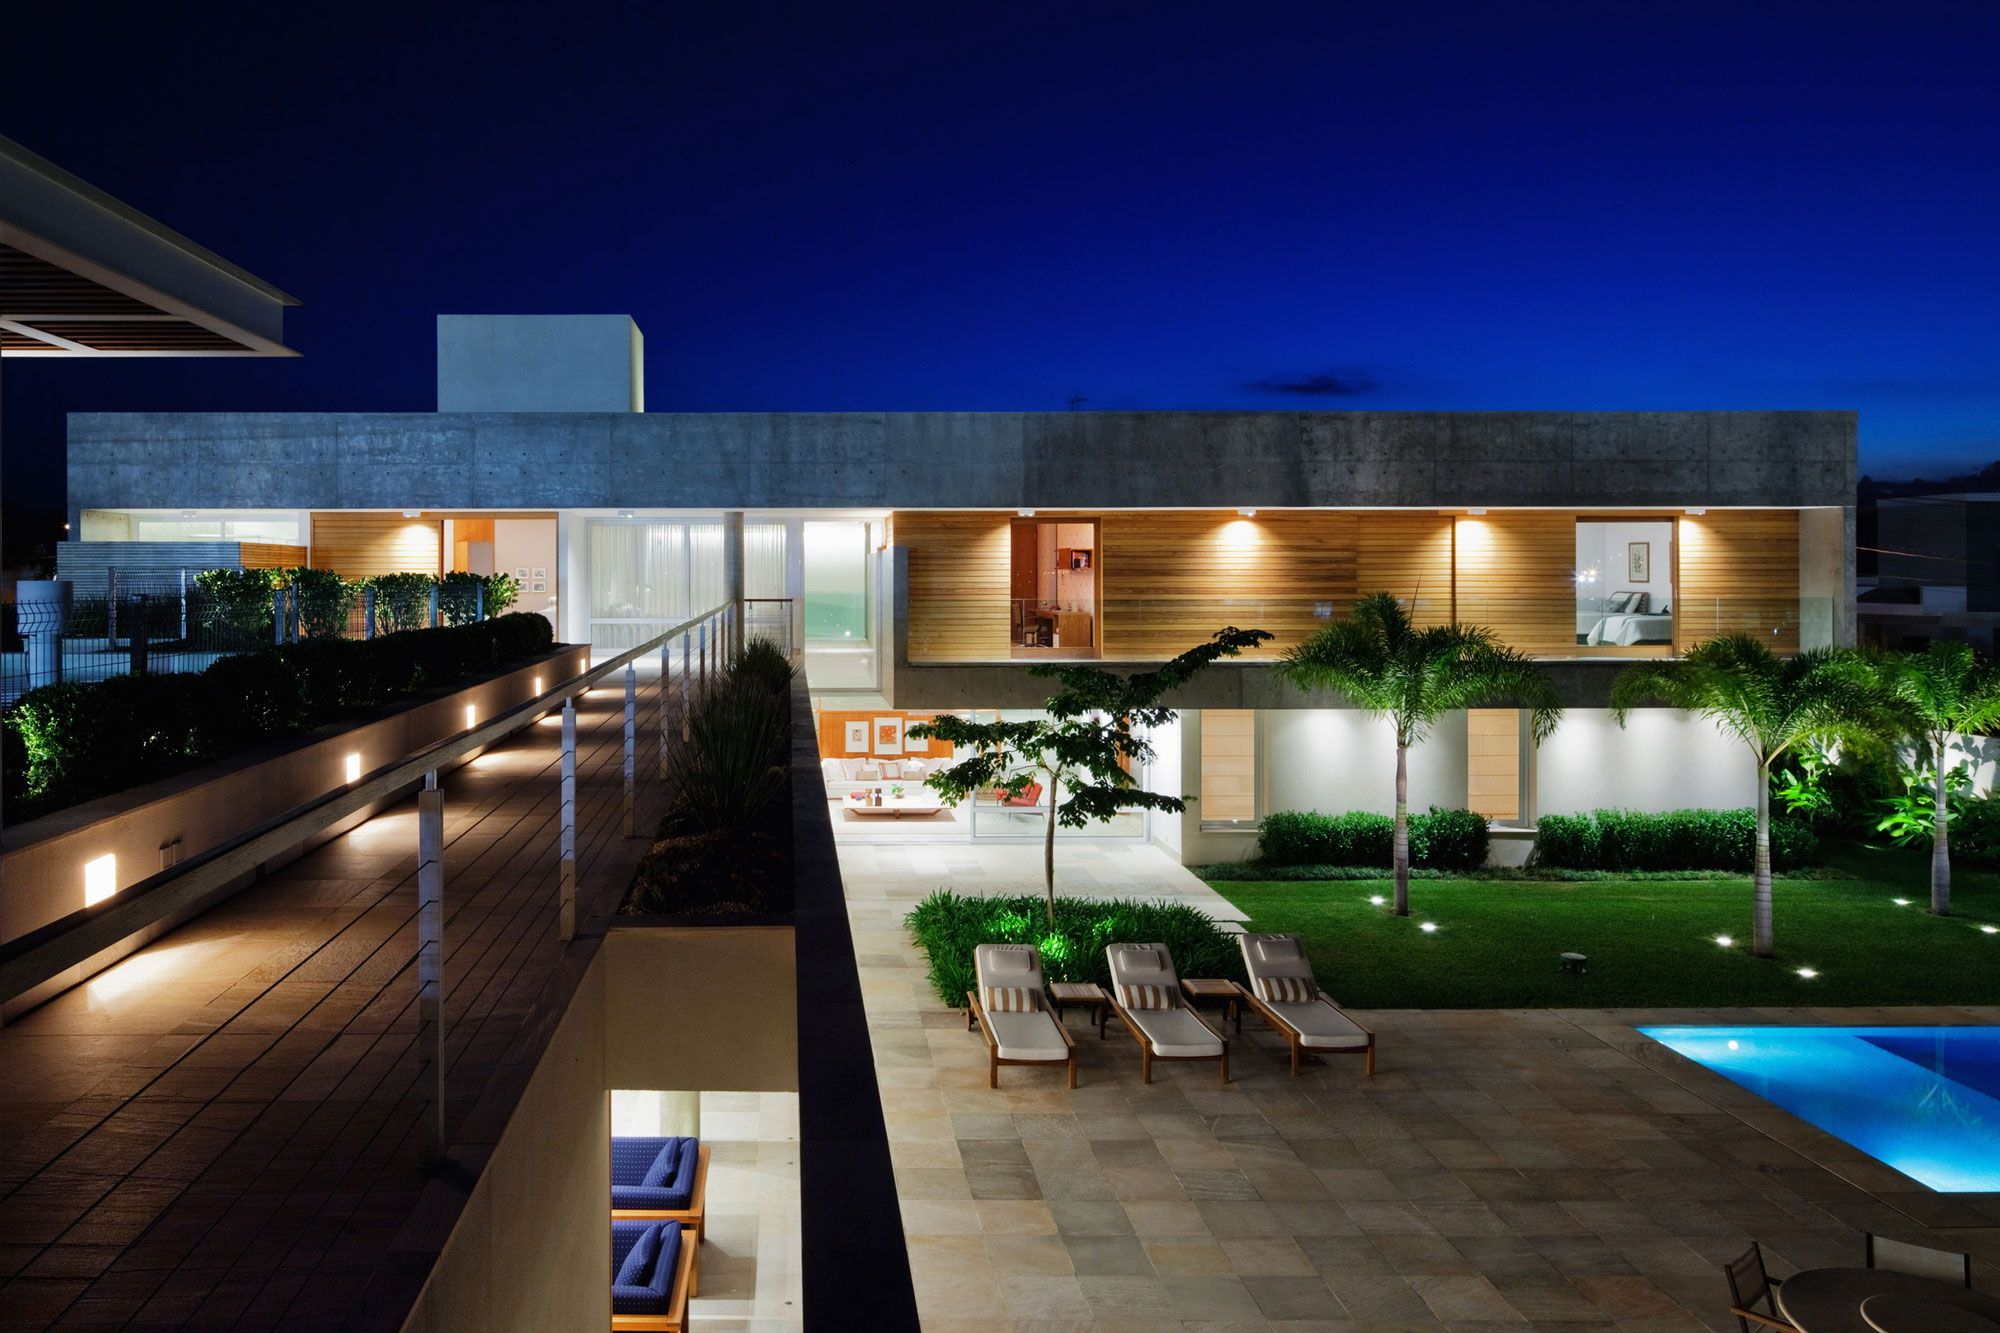 FG Residence by Reinach Mendonça Arquitetos Associados - CAANdesign | Architecture and home design blog